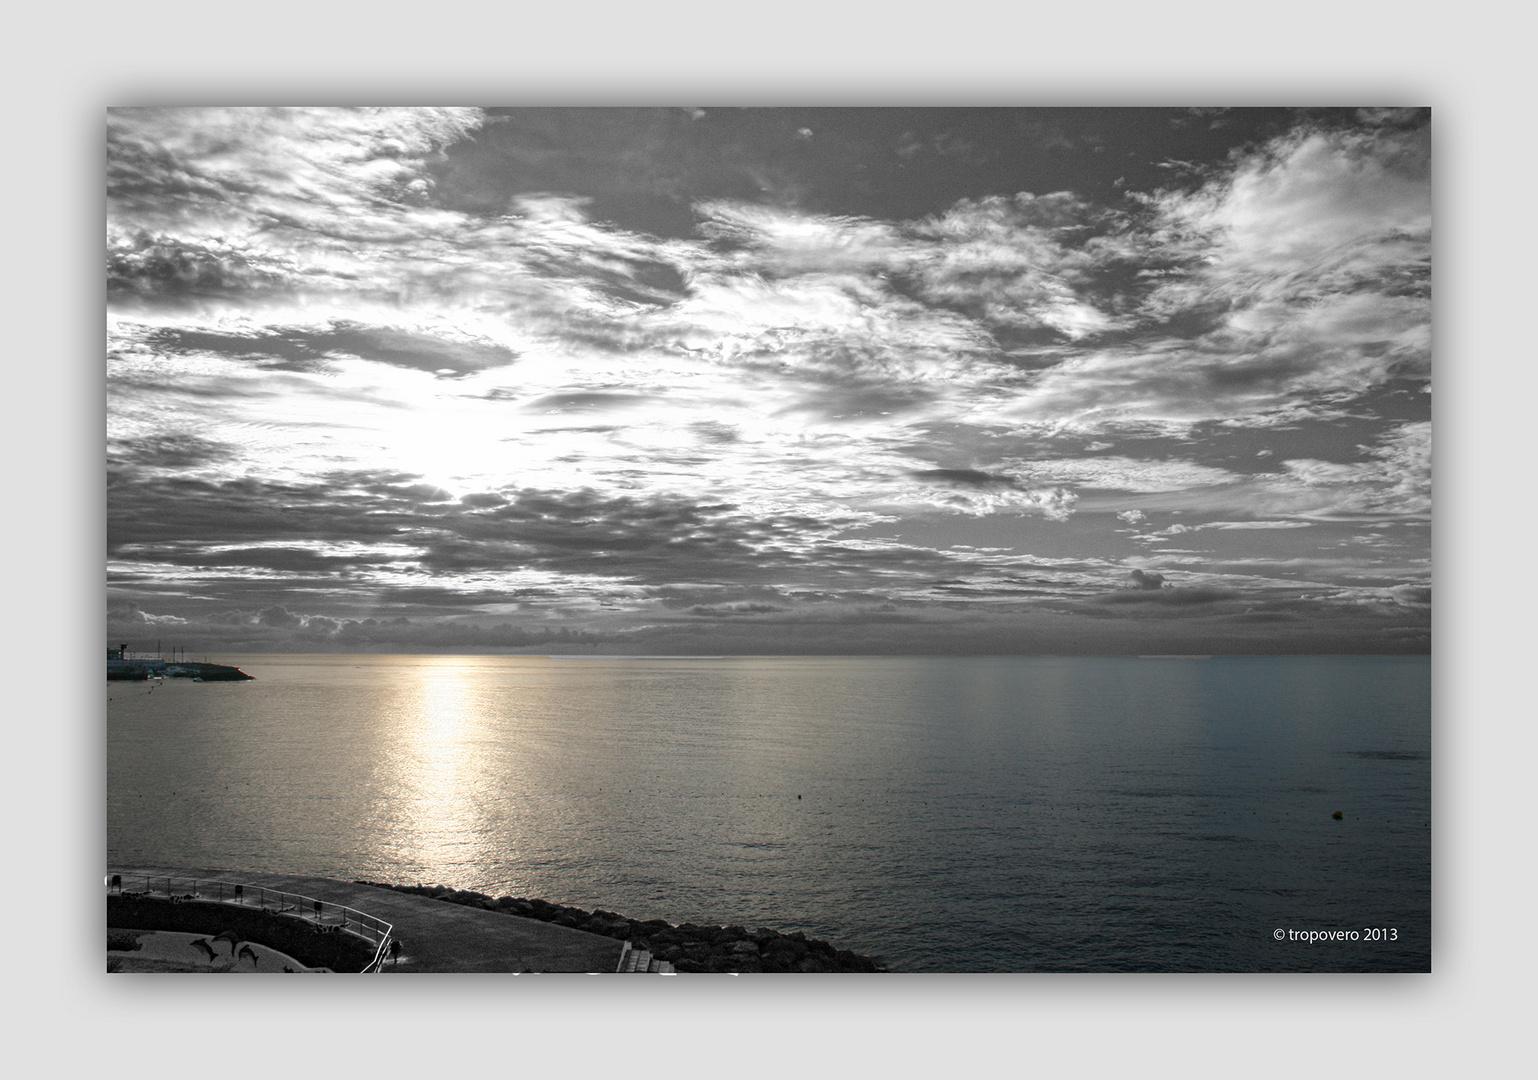 Cielo gris y mar dorada